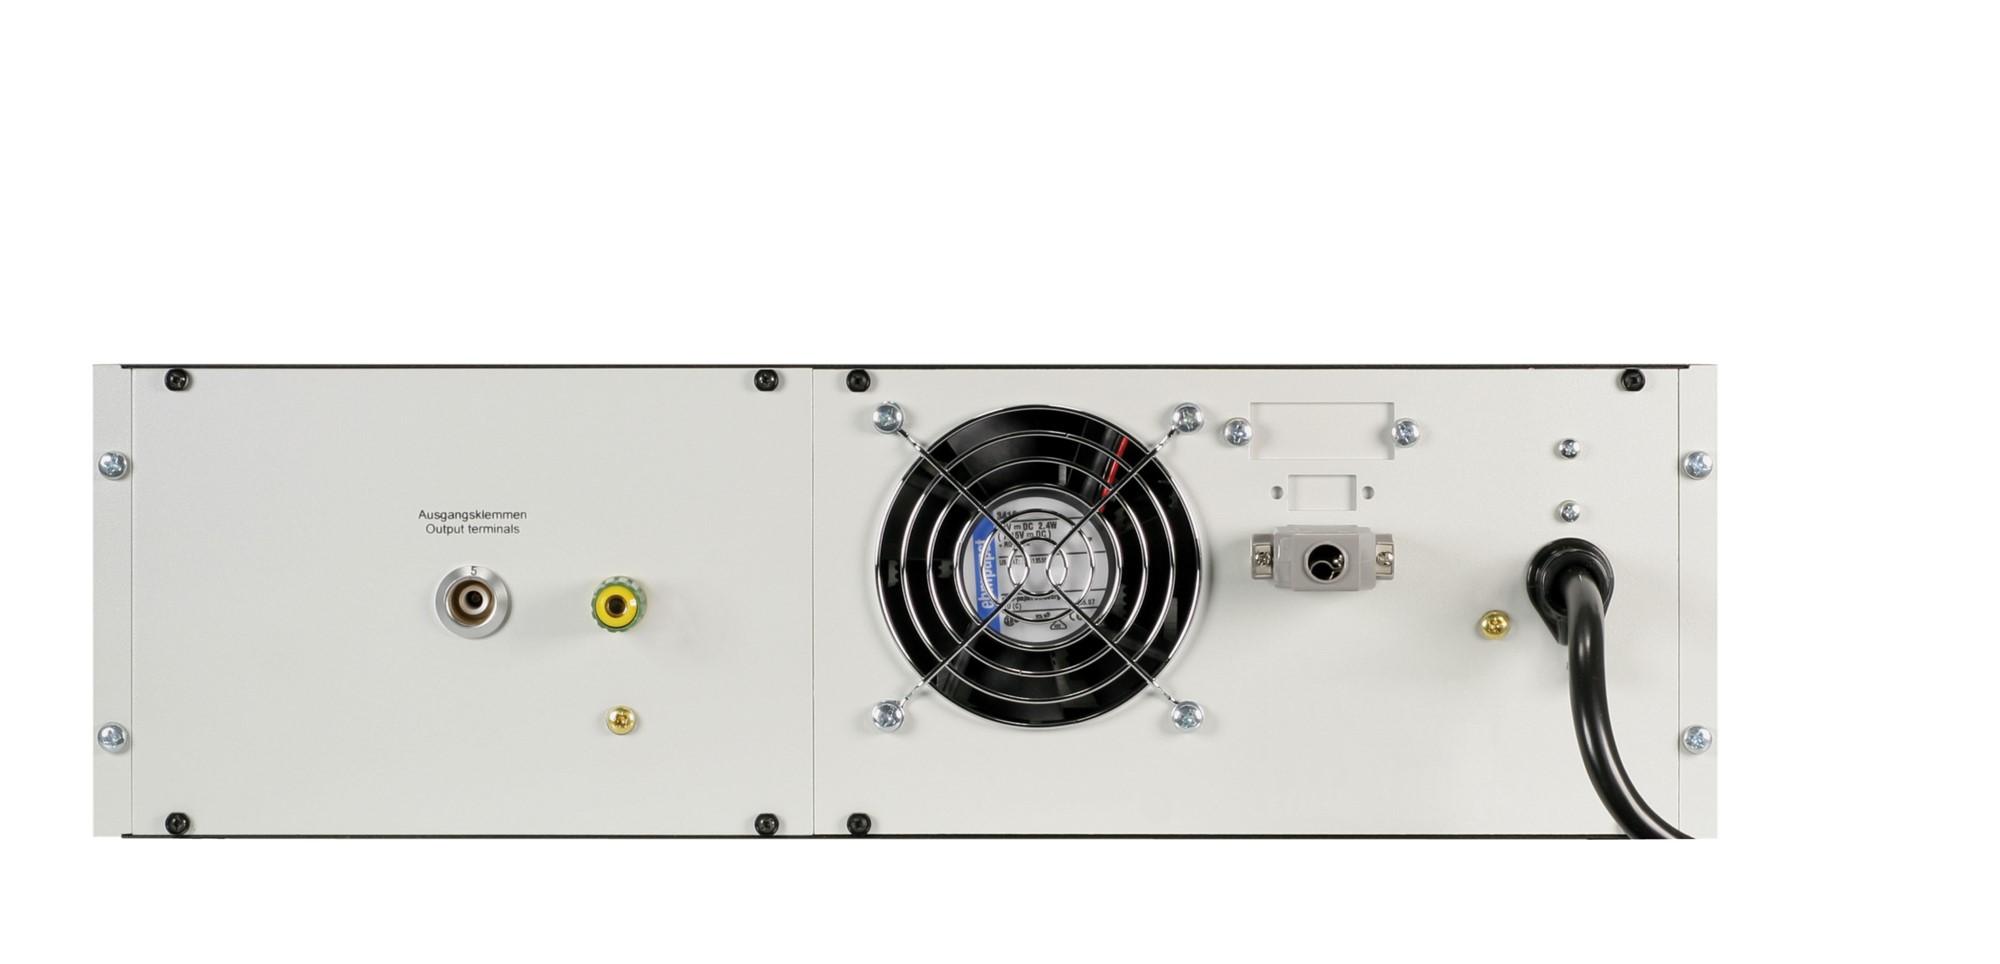 EPS/HV 4209.0 Hochspannungsnetzgerät